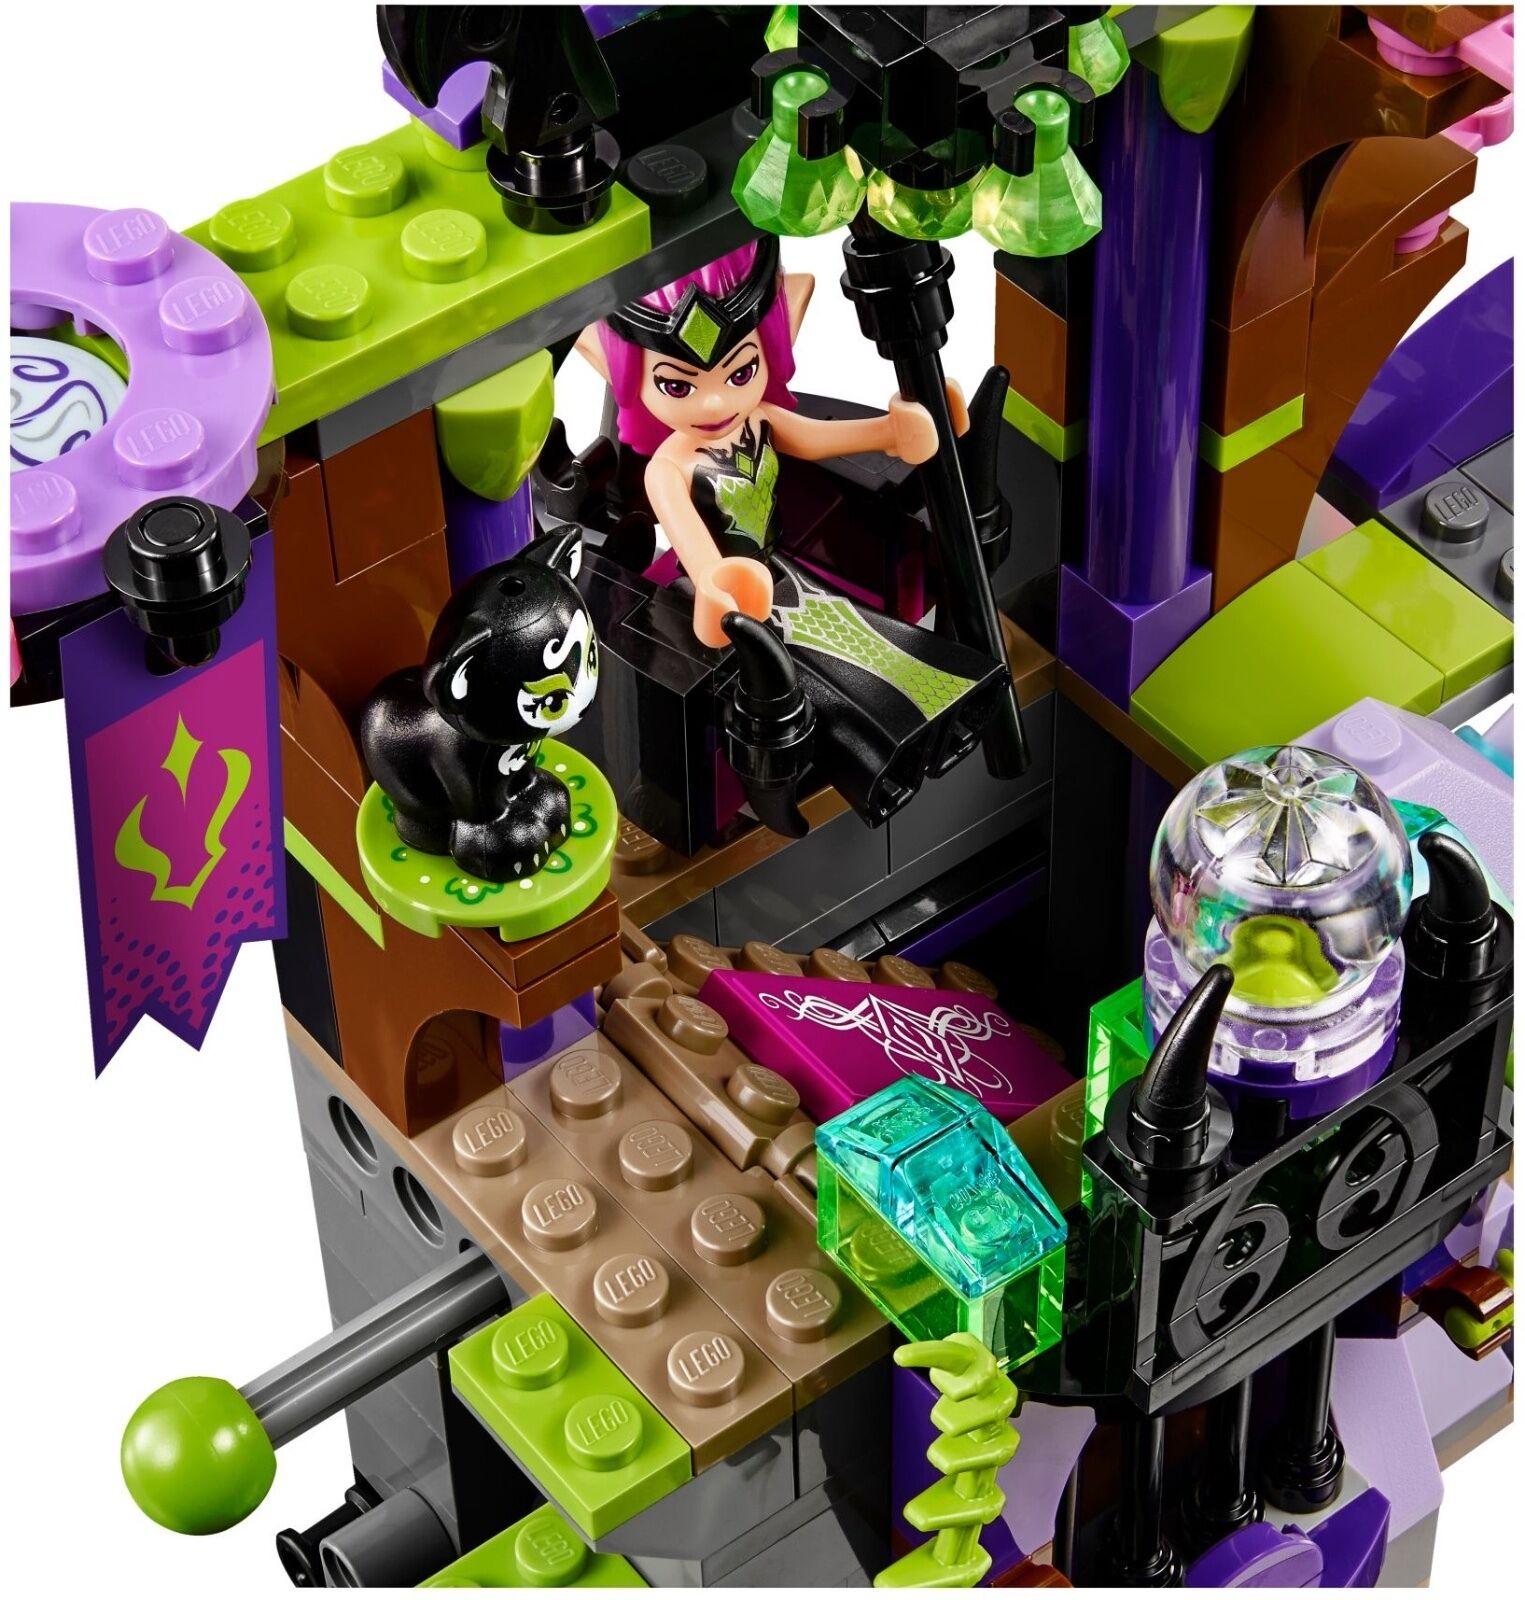 LEGO ® ELVES 41180 raganas Magique Magique Magique Ombres château nouveau OVP New MISB NRFB   Attrayant Et Durable  d49596